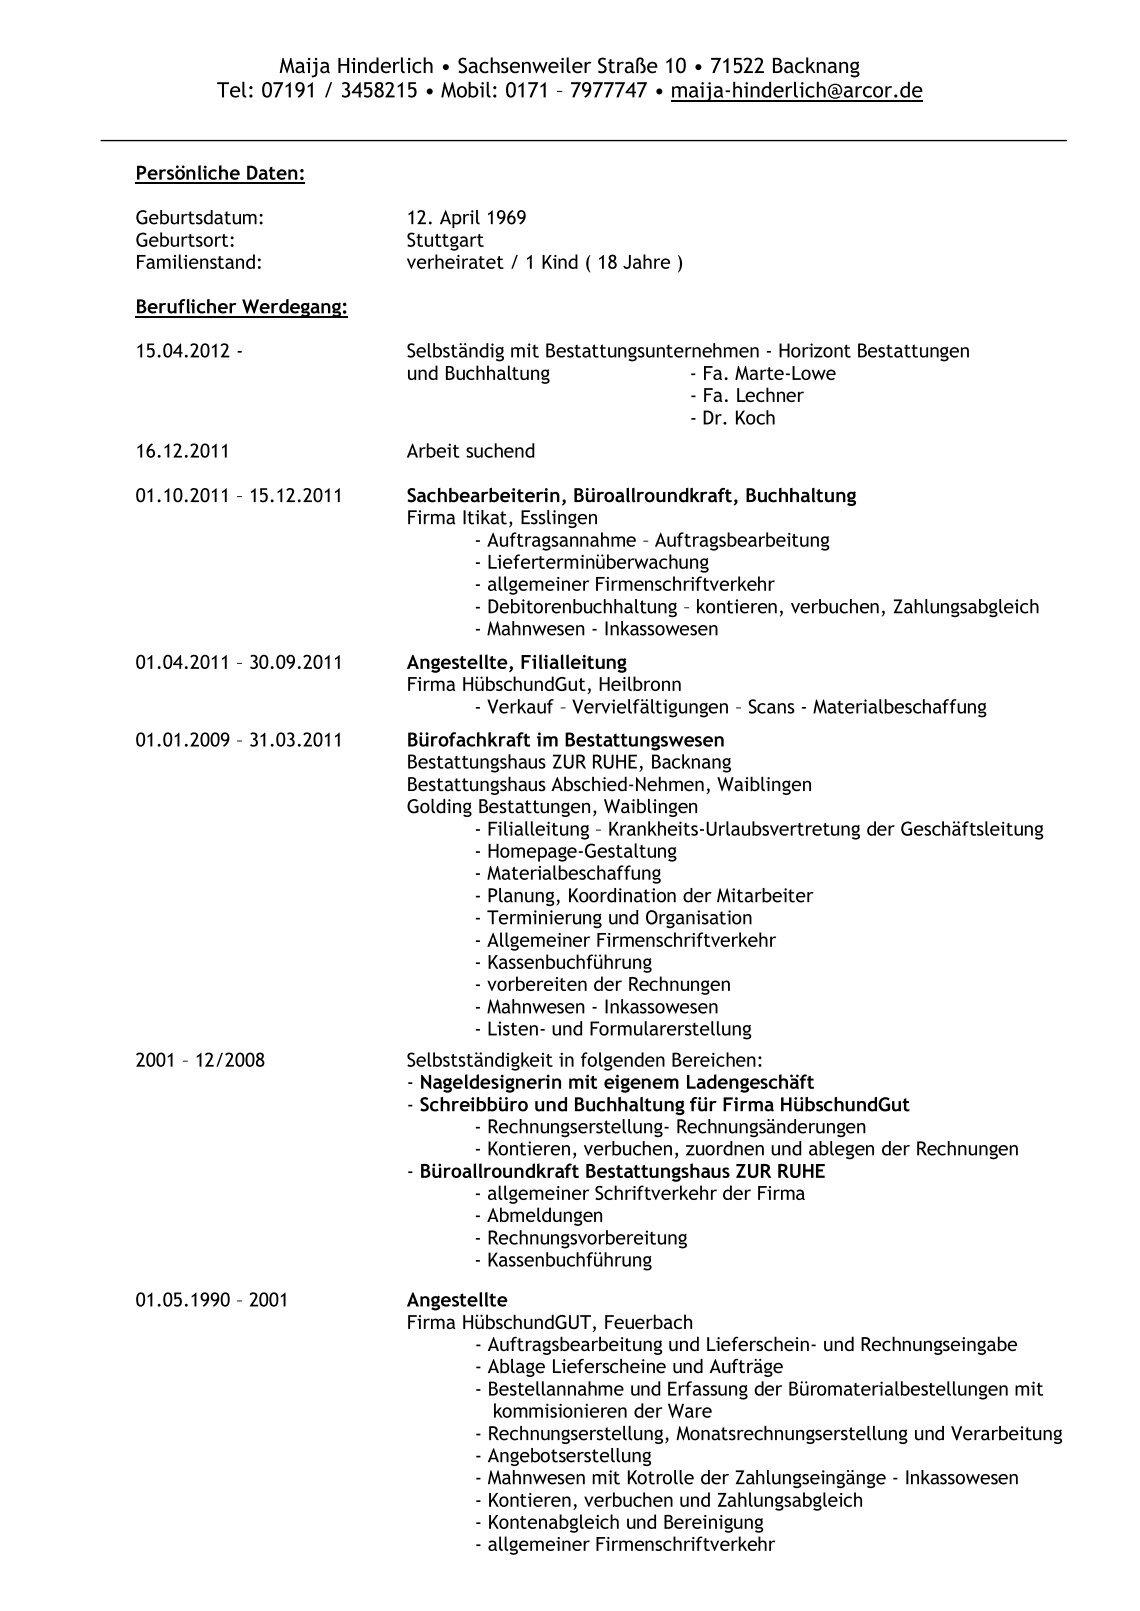 Schön Interesse Am Lebenslauf Für Buchhalter Galerie - Entry Level ...